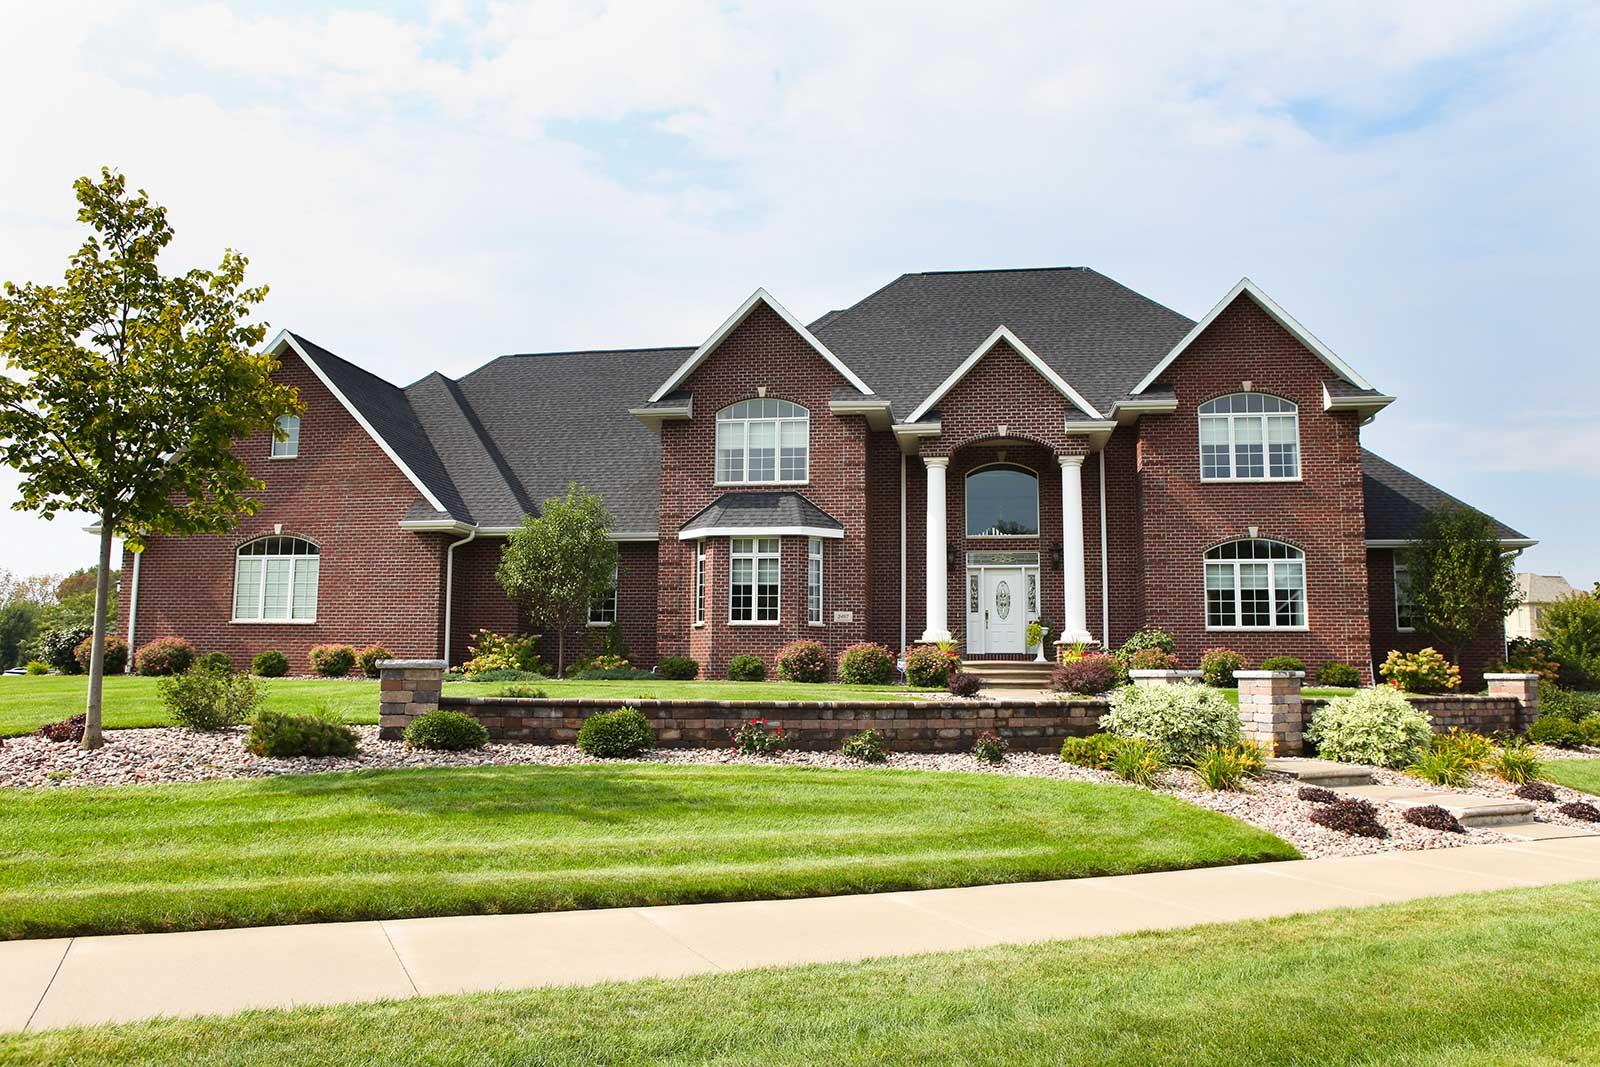 New portside builders home built in appleton wisconsin for Home builders appleton wi